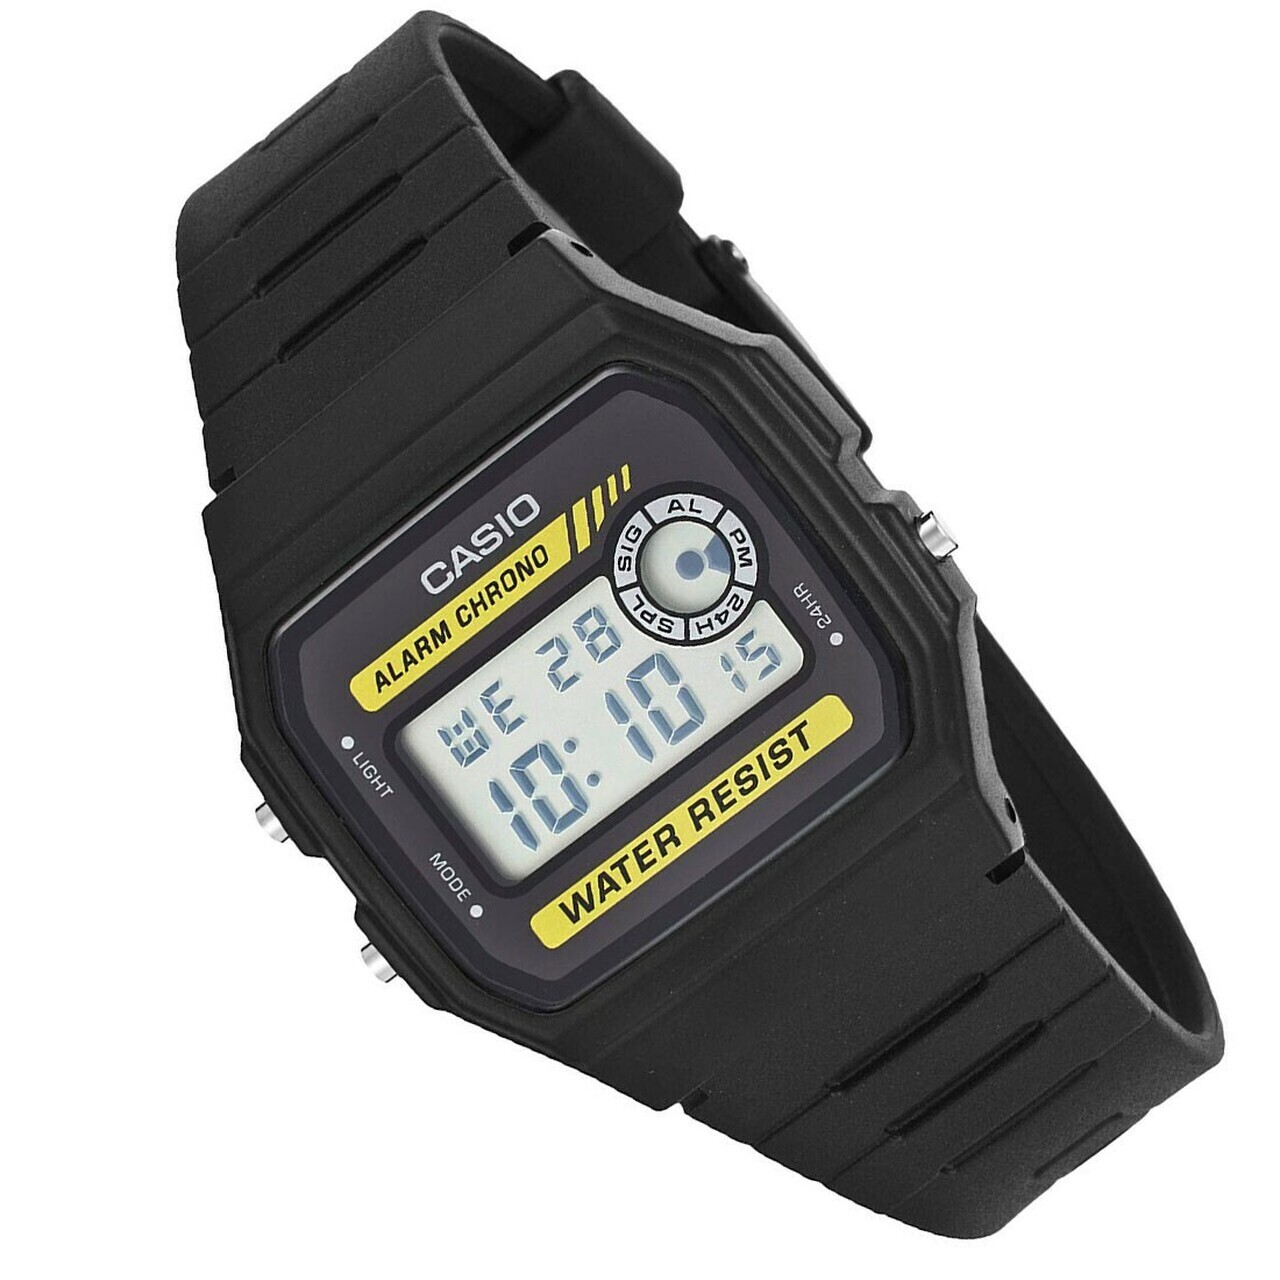 Reloj unisex digital Casio F-94WA-9D Alarma 7 años batería Luz Led Water Resist